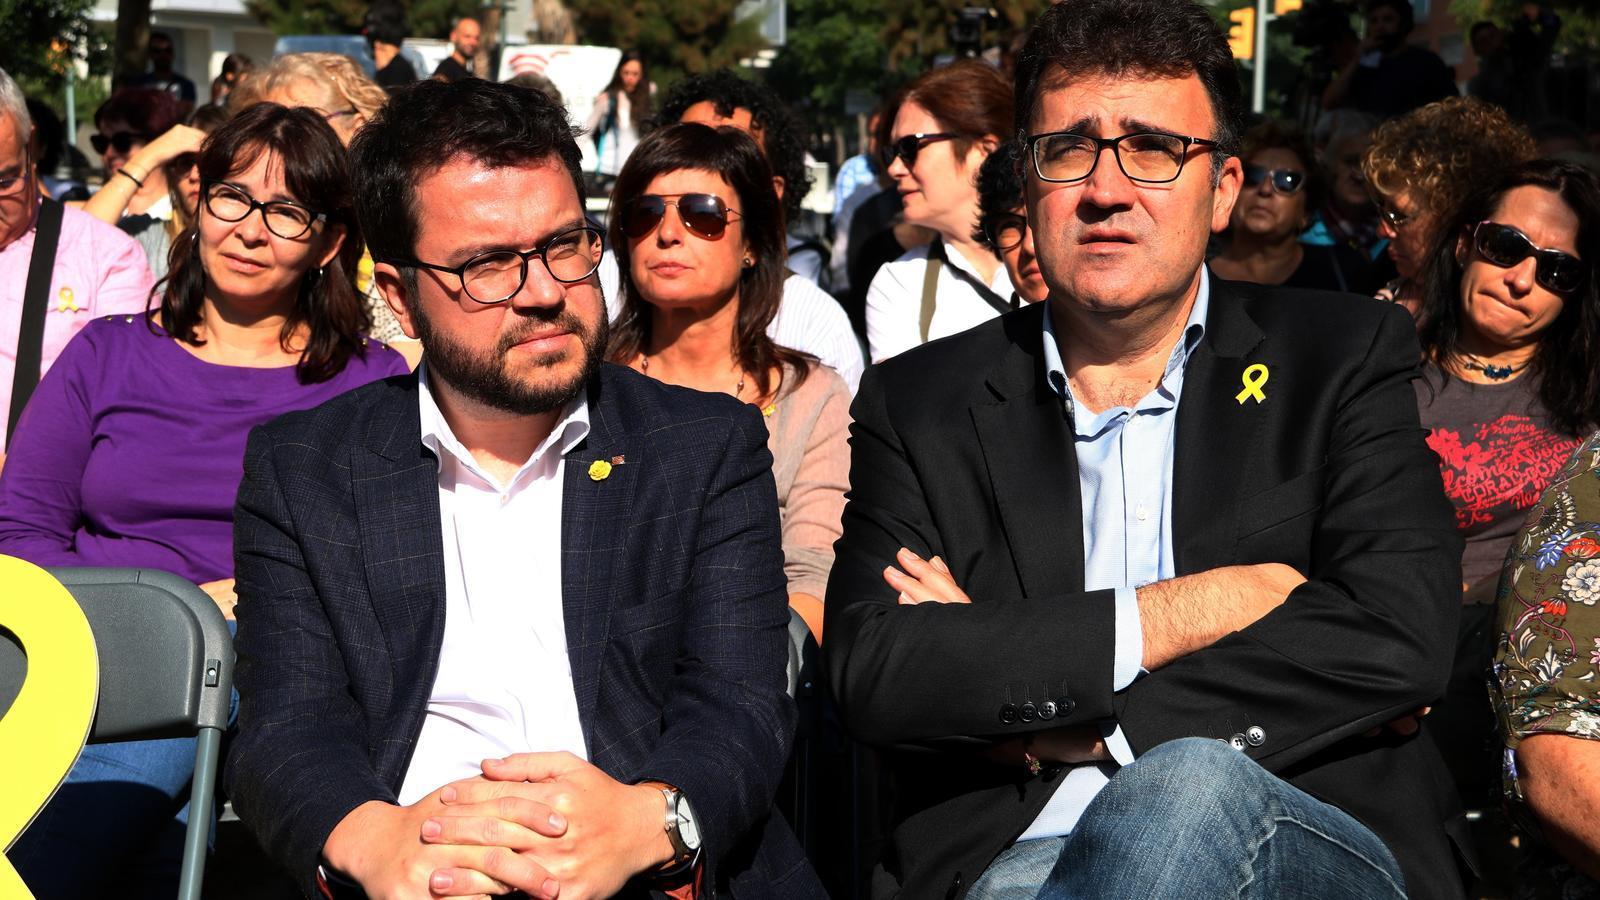 El vicepresident del govern, Pere Aragonès, i el secretari general d'ERC, Lluís Salvadó, en l'acte d'inici de la campanya 'Ciutats republicanes, ciutats de progrés' a Tarragona